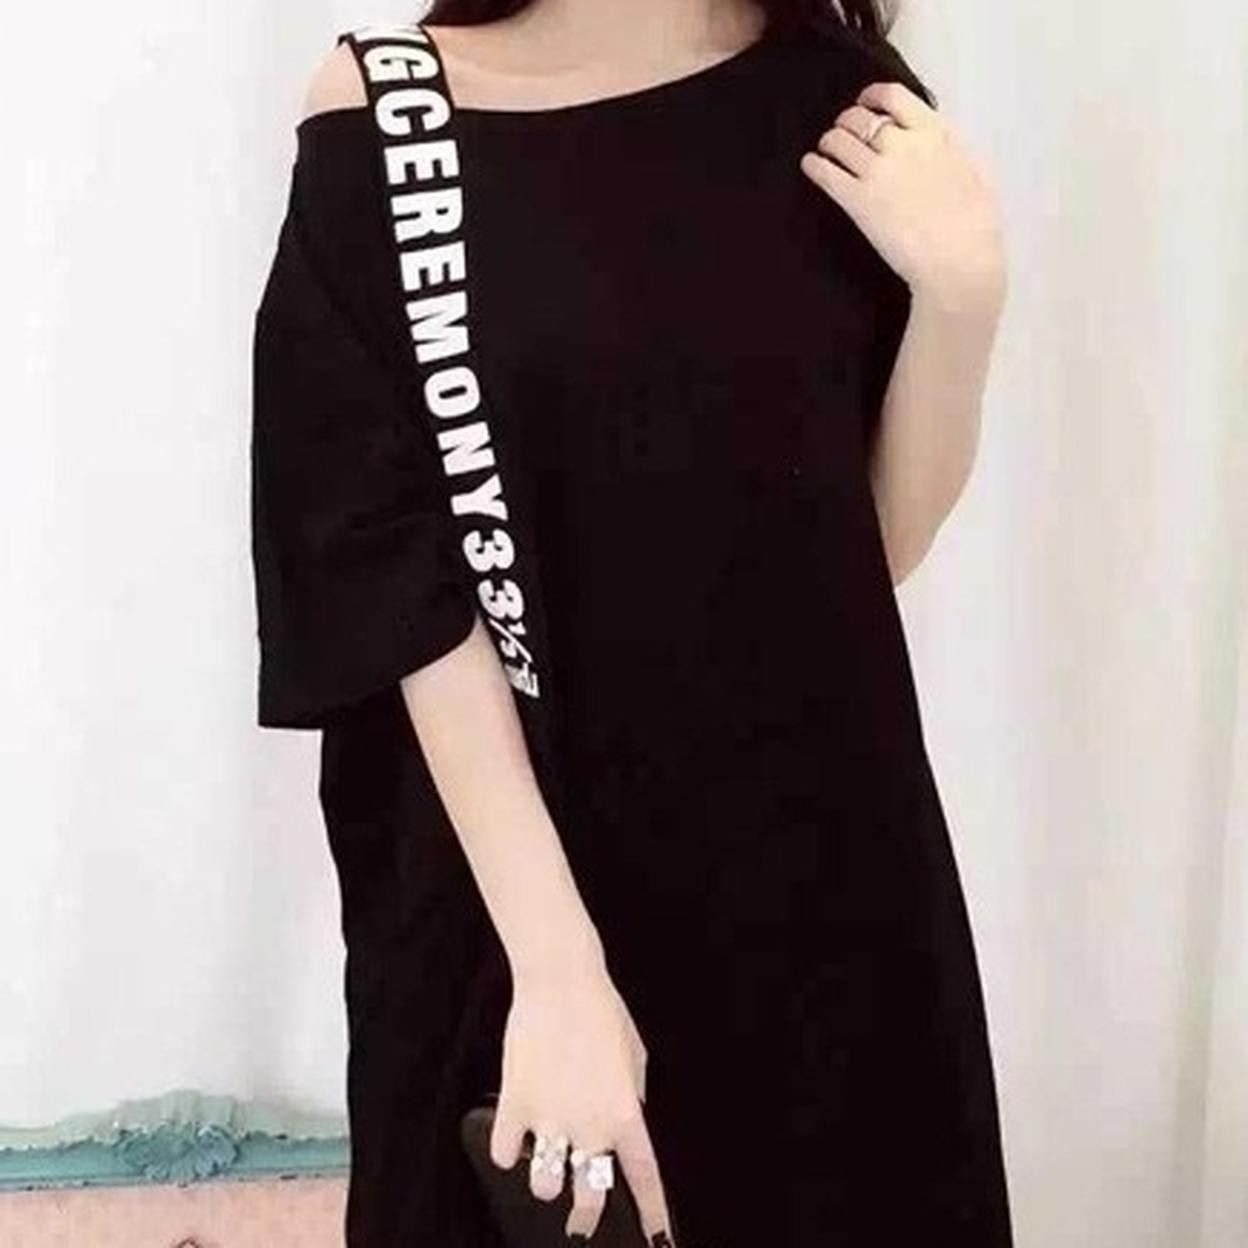 Women's Off Shoulder Kpop Top - Black 5795ac2f1a2f725604380434